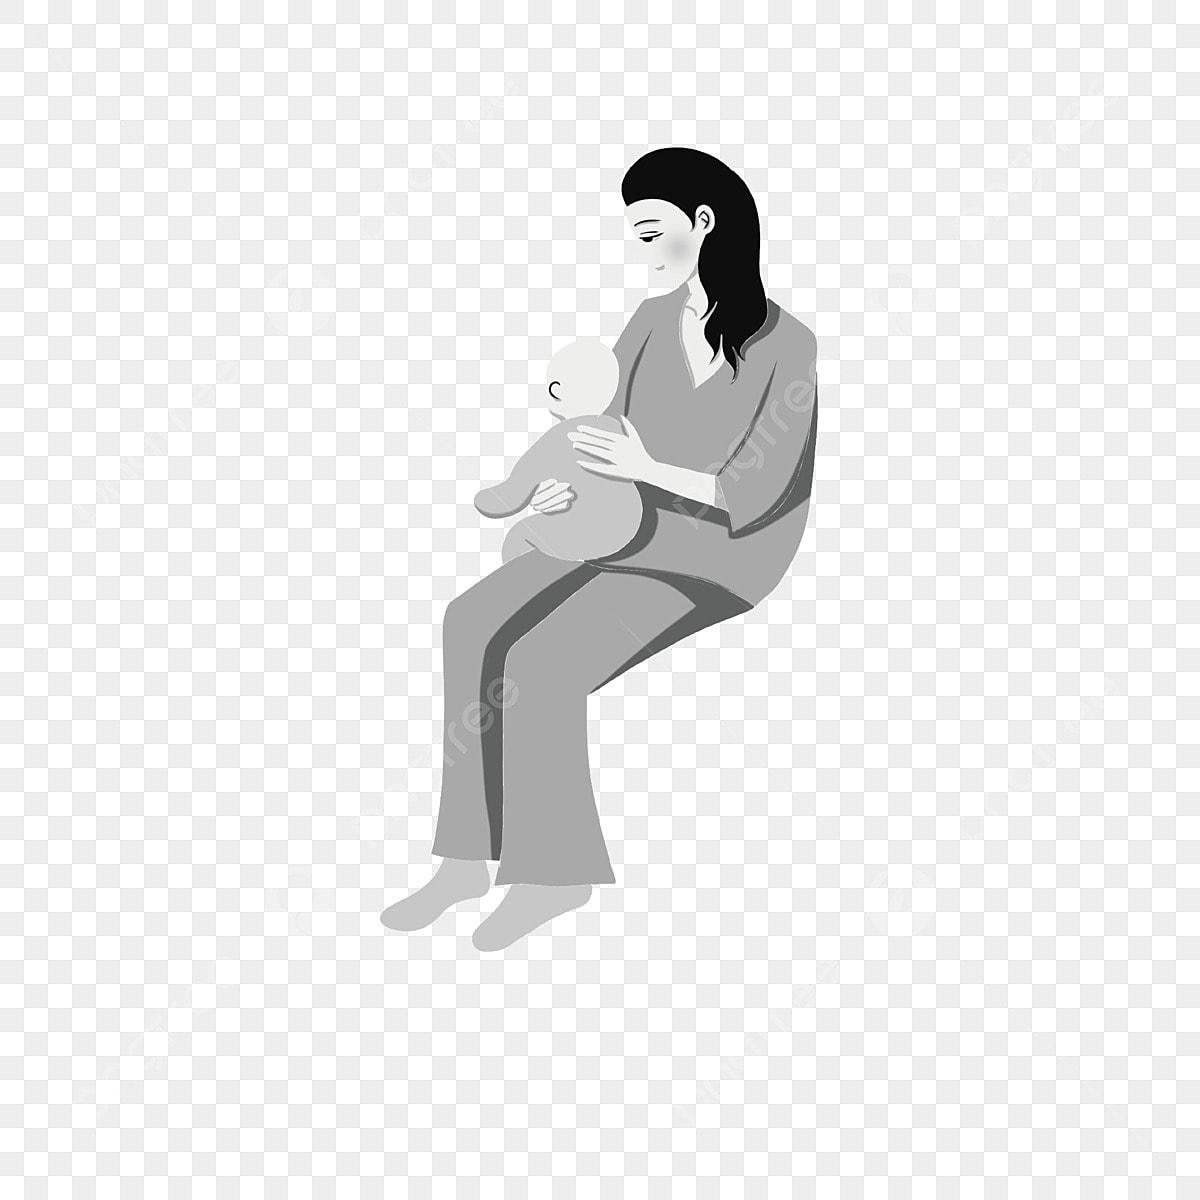 Gambar Ibu Dan Anak Ibu Watak Kartun Ilustrasi Kartun Ilustrasi Ibu Ilustrasi Kartun Png Dan Psd Untuk Muat Turun Percuma